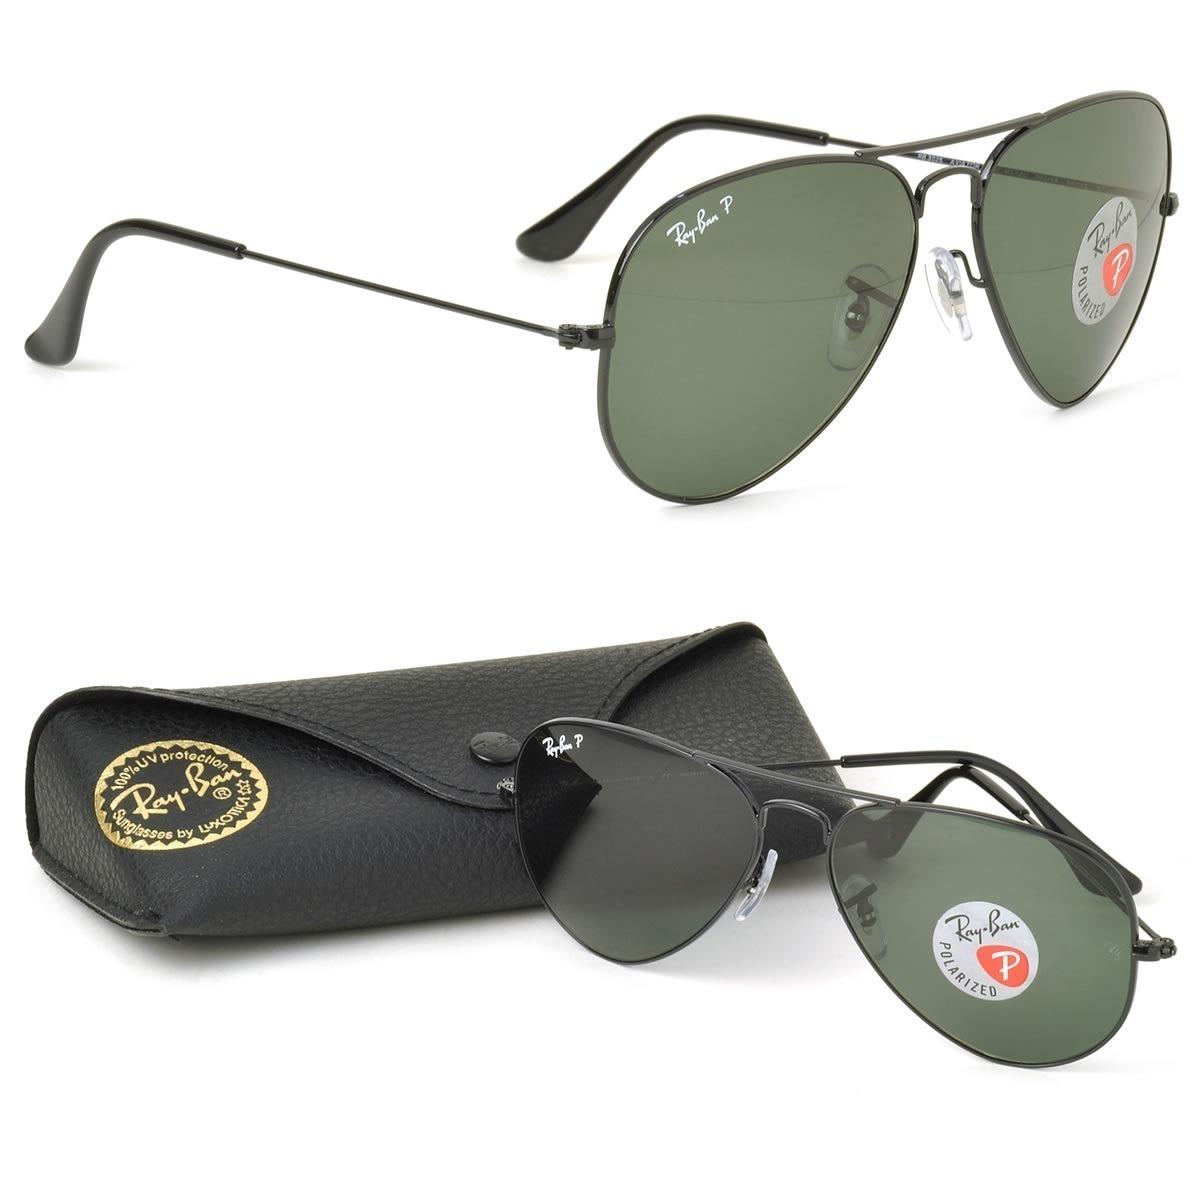 3535d992fbabe oculos ray ban aviador lente polarizada feminino - masculino. Carregando  zoom.